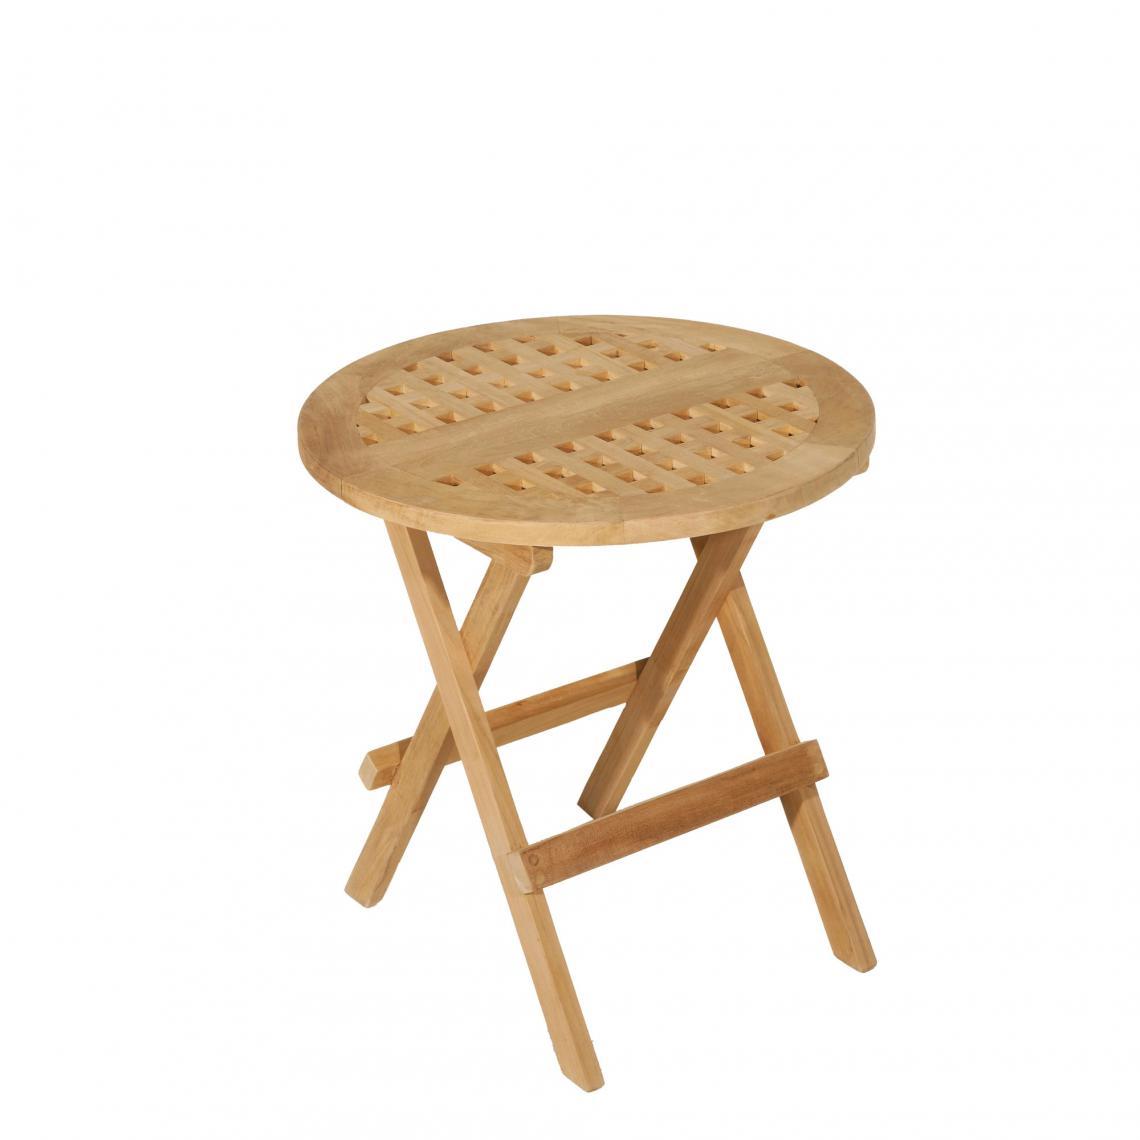 Table pique-nique ronde en teck massif - Teck | 3 SUISSES